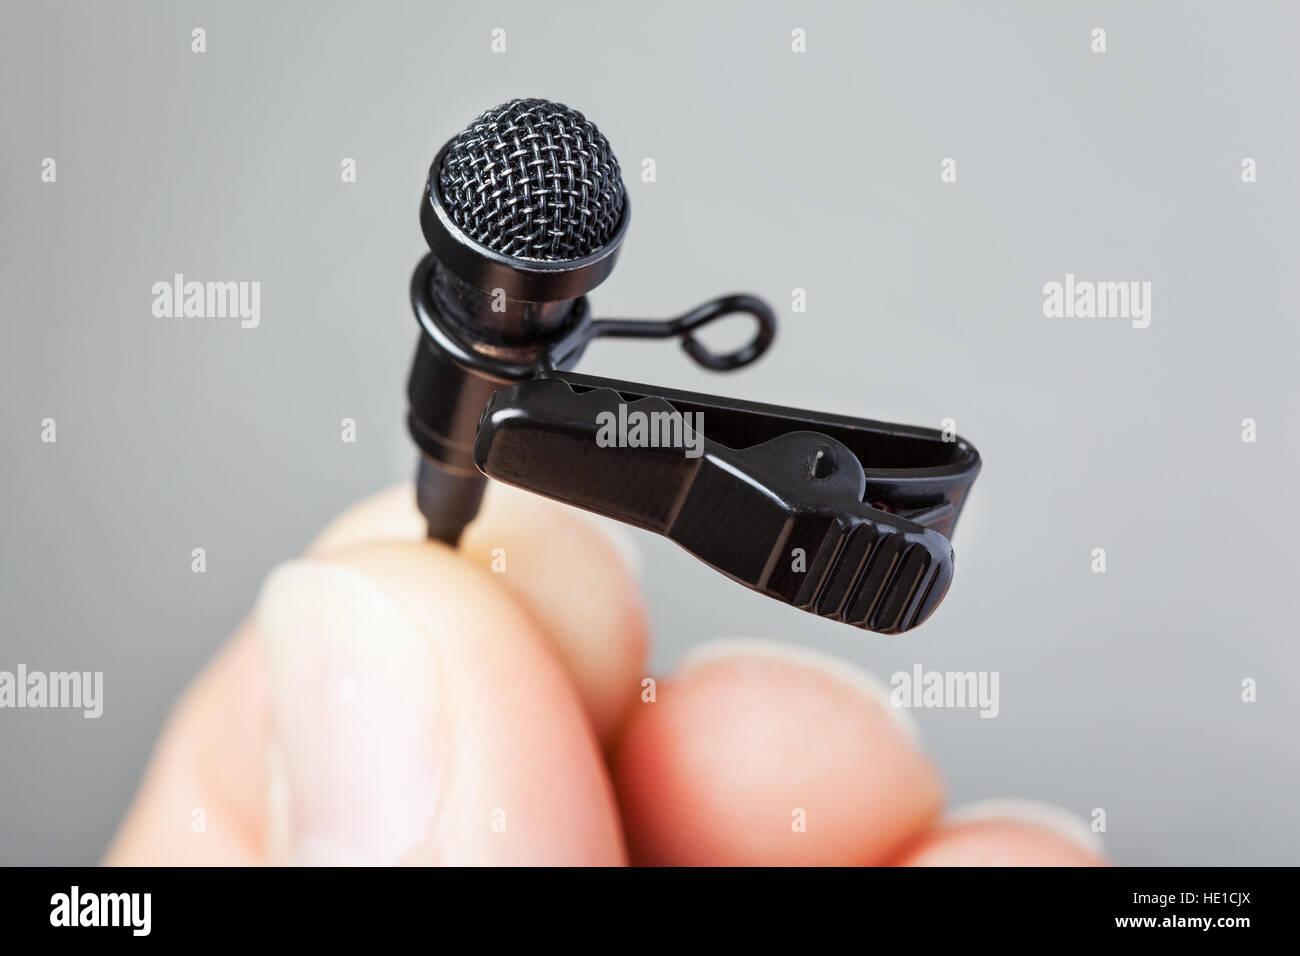 Close-up di una mano che afferra un microfono a clip con uno sfondo semplice Immagini Stock